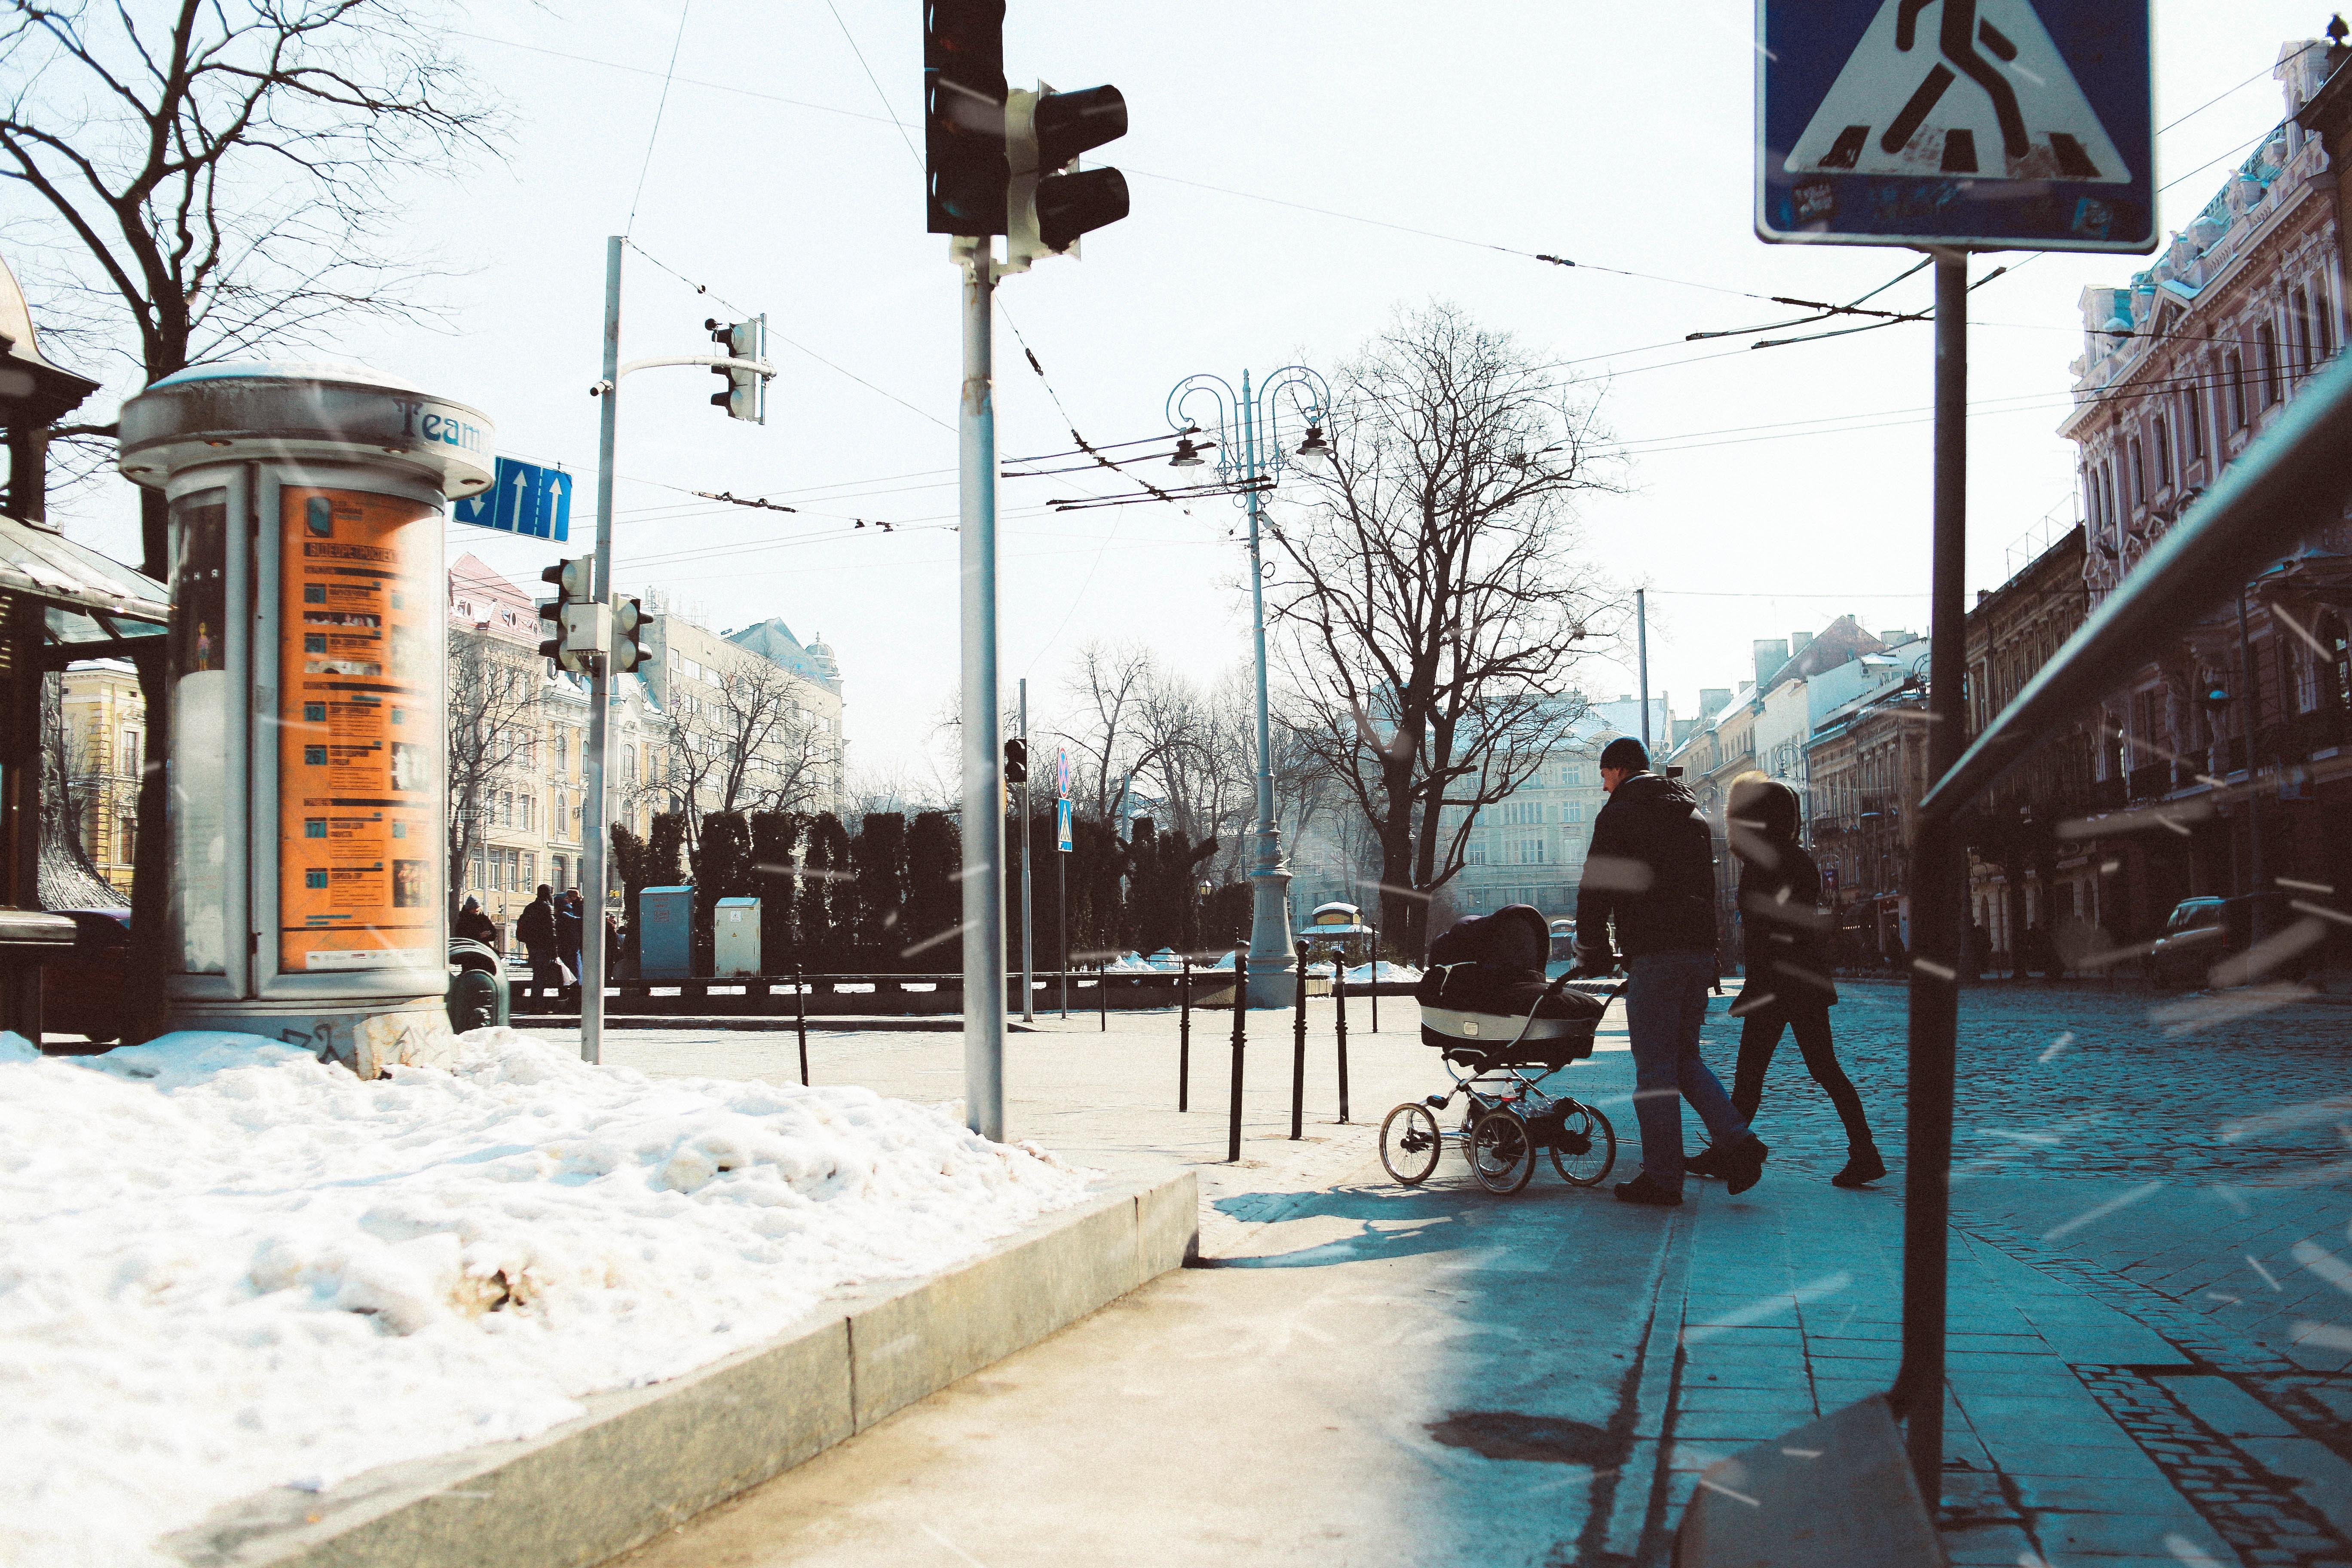 man pushing black stroller